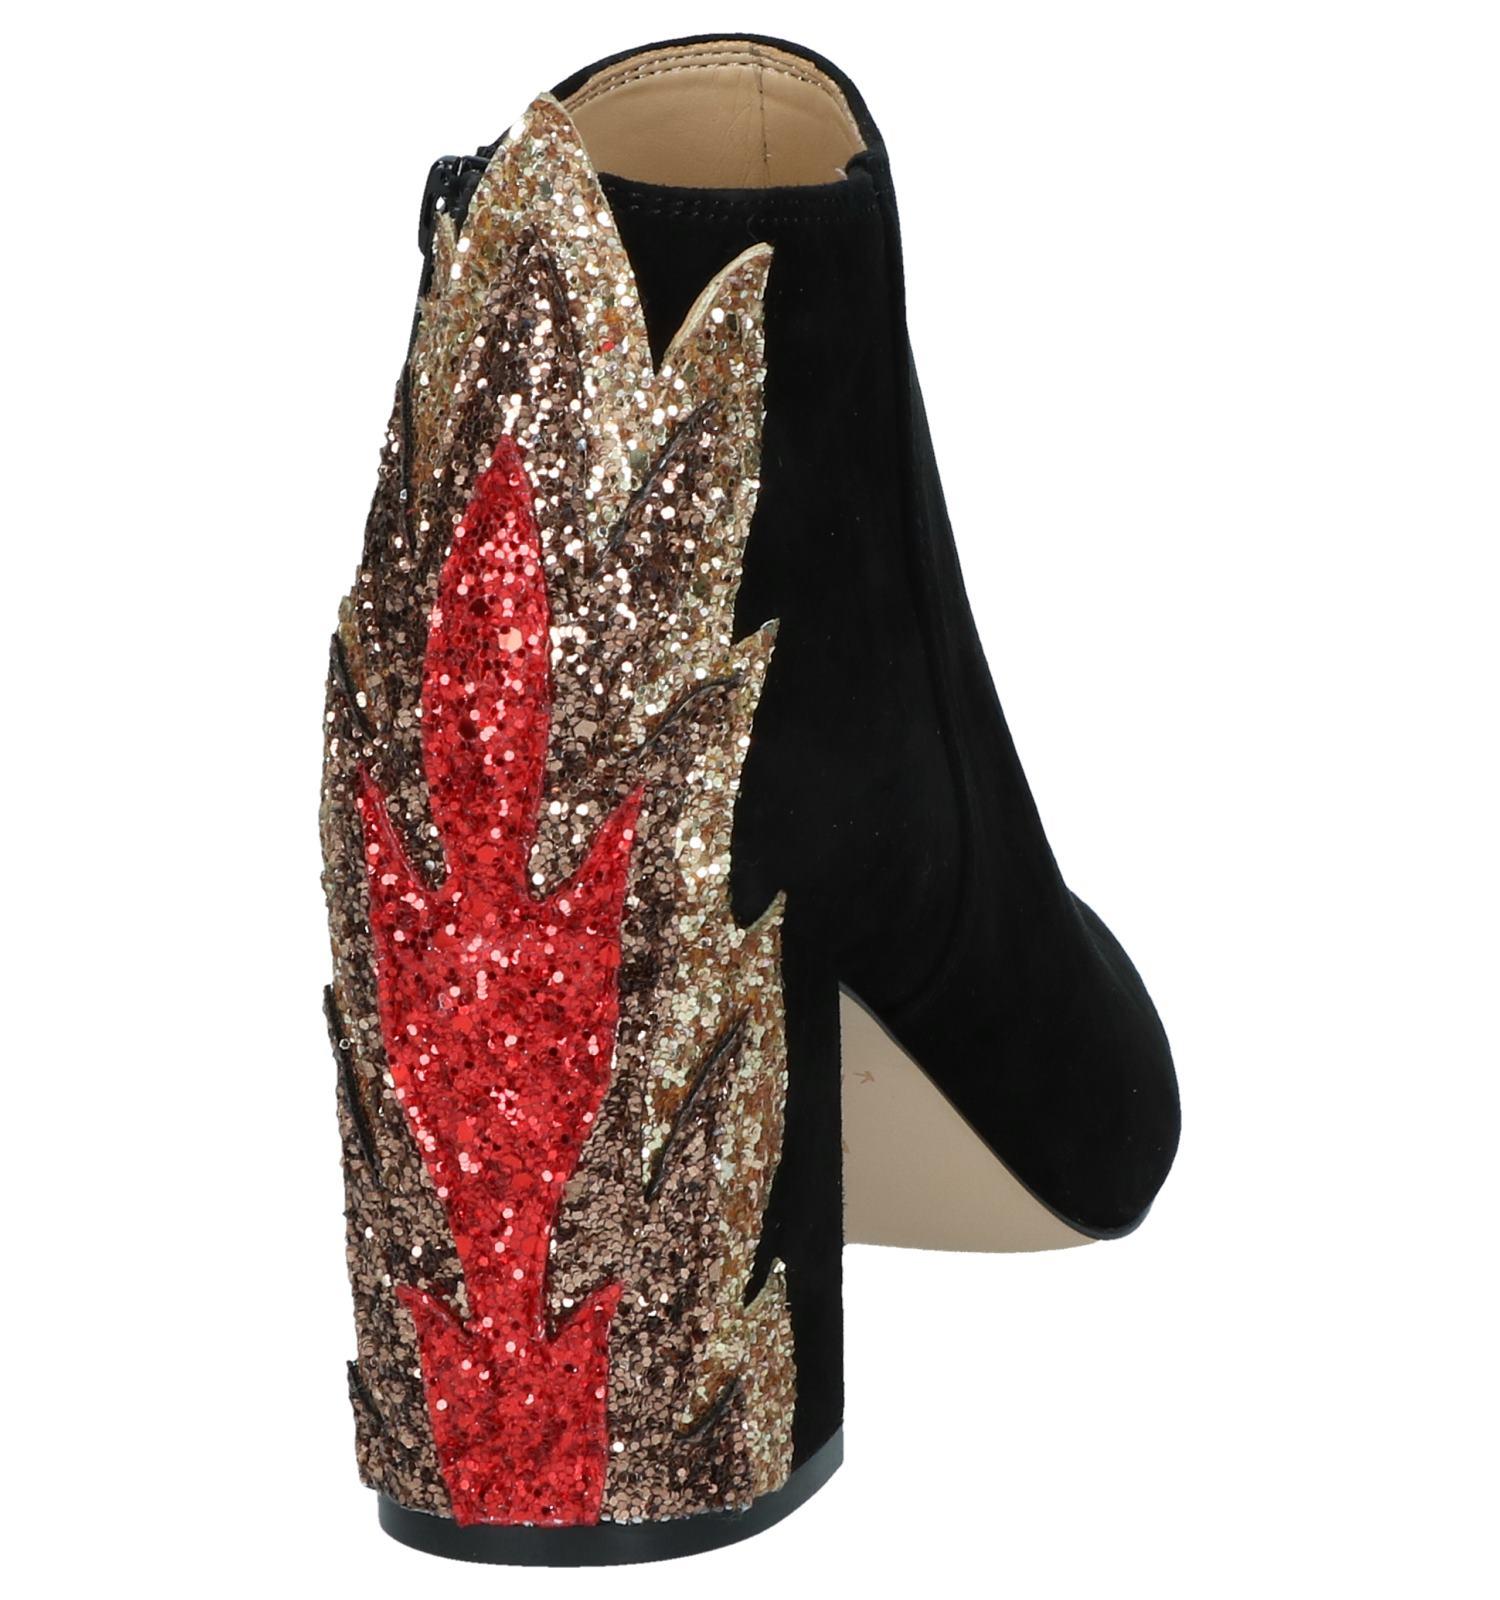 Zwarte Katy Perry Enkellaarzen Flame The fgbIYyvm76